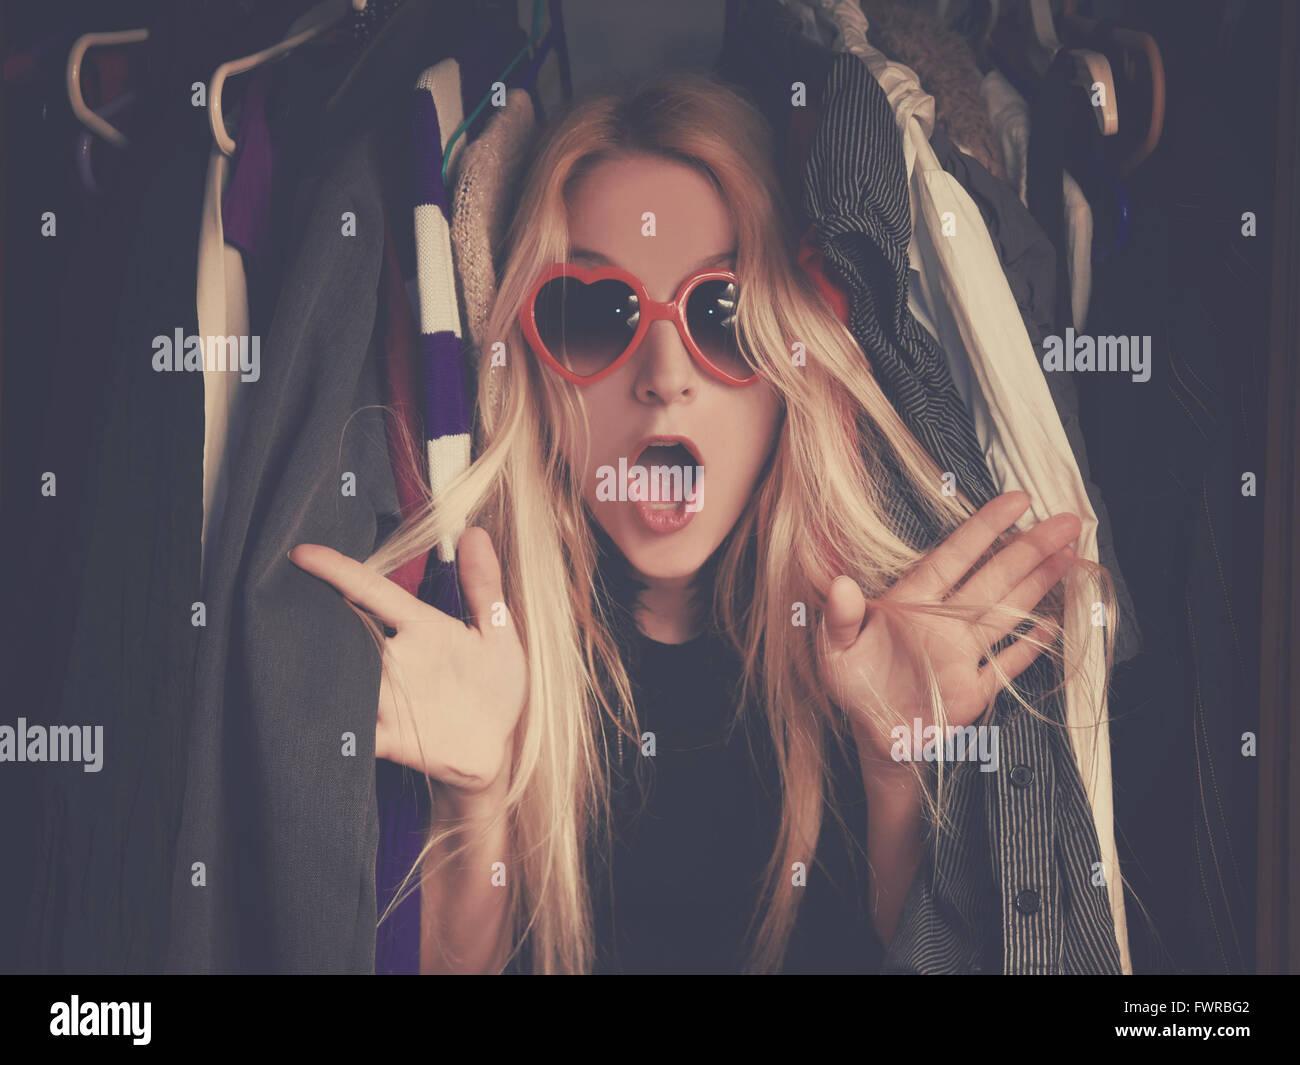 Una mujer es aplastada en un armario de ropa sucia con gafas de color rojo para un estilo o concepto de moda. Imagen De Stock